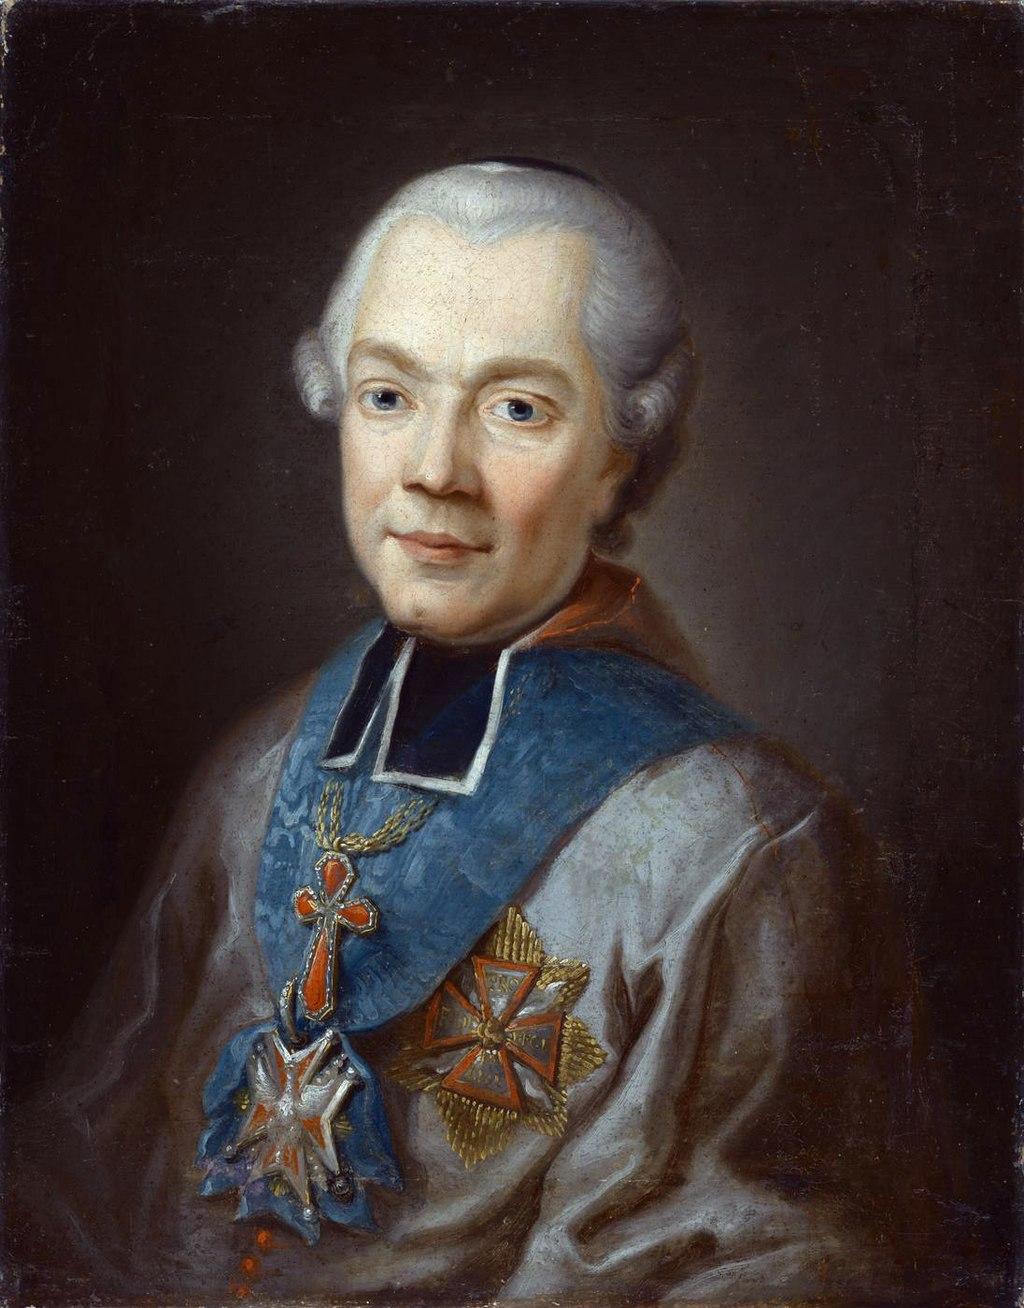 Ignoto Jokūbo Masalskio paveikslas. Dailininkas F. Smuglevičius 1785-86 | Wikipedia.org nuotr.